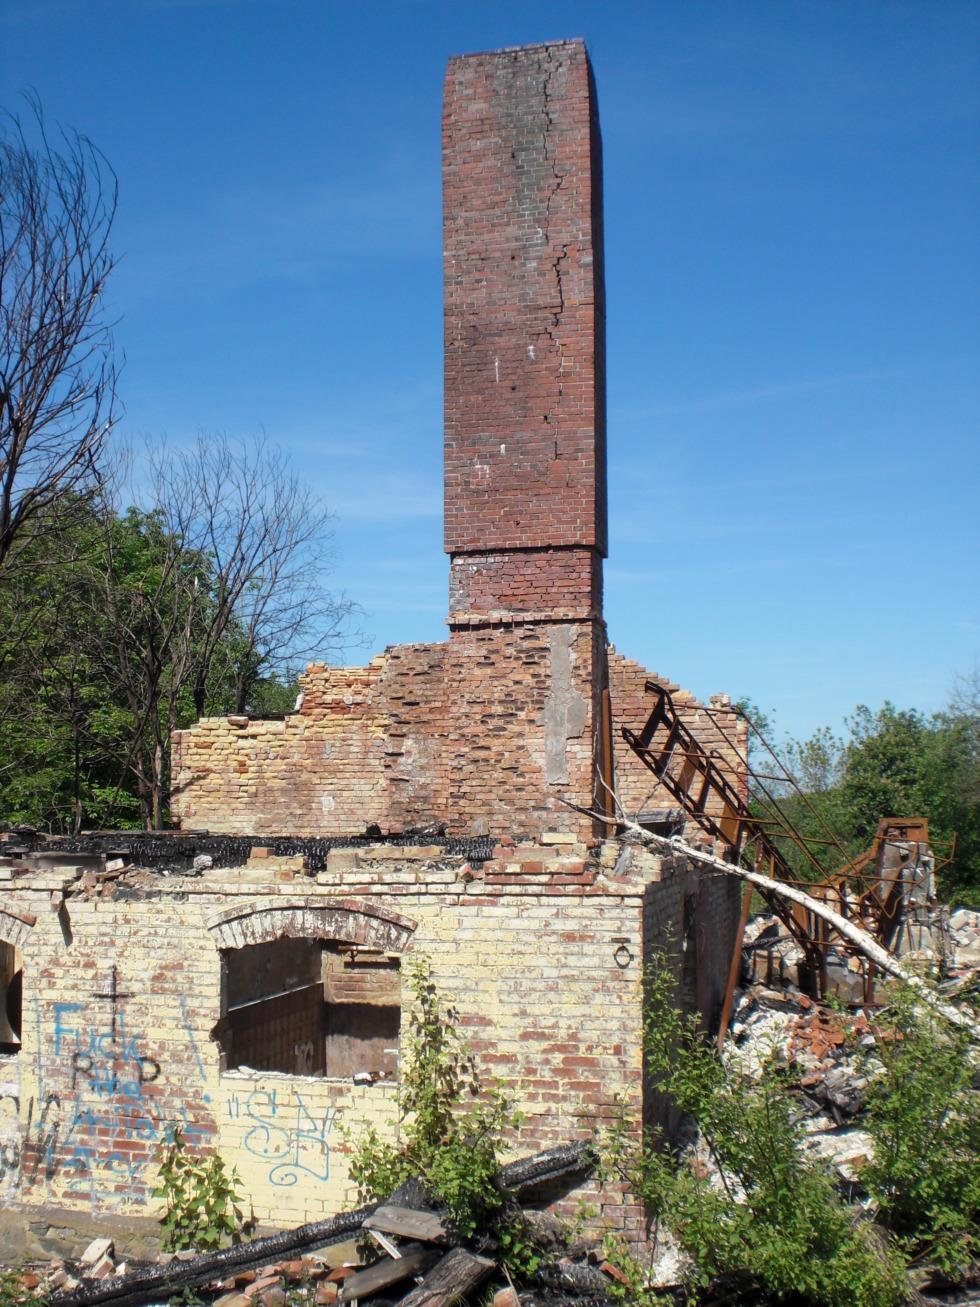 Burnt down house - Sanatorium Königsberg